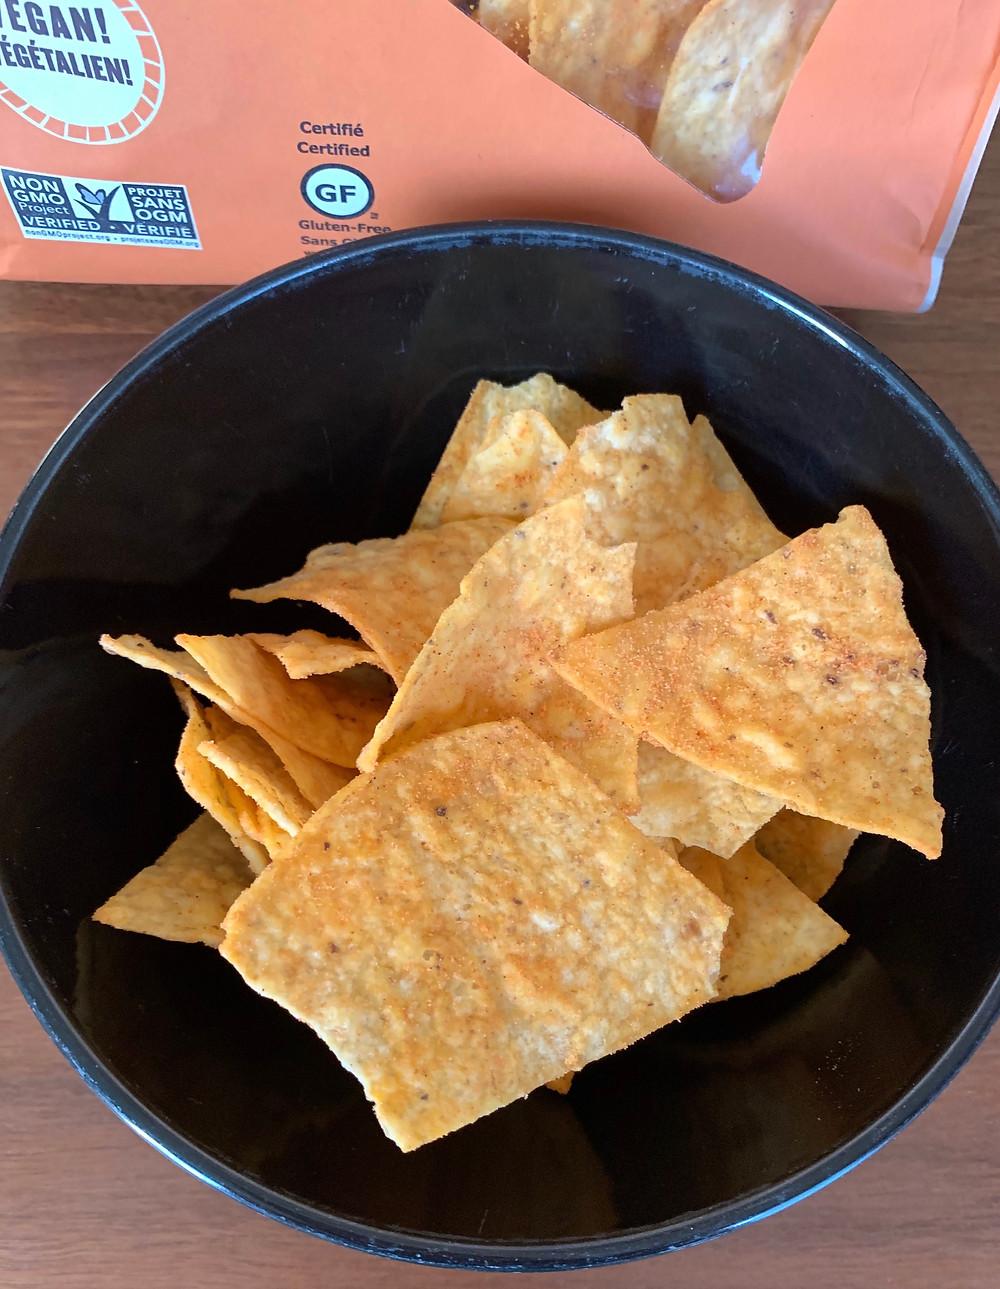 Costco Que Pasa Nacho Tortilla Chips